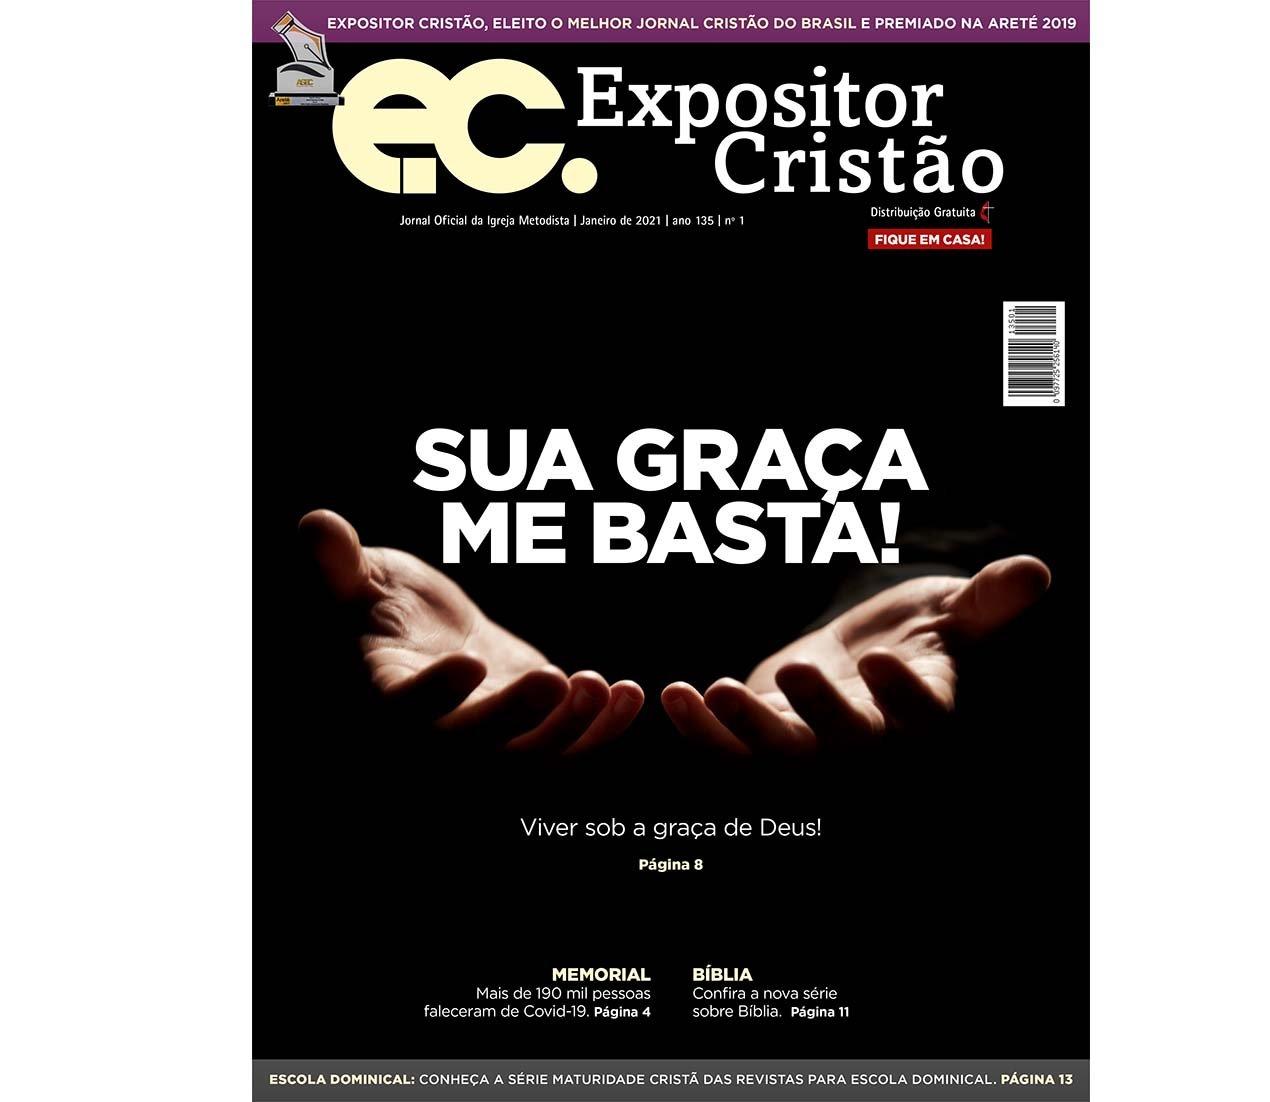 EC de janeiro anuncia as boas notícias da graça